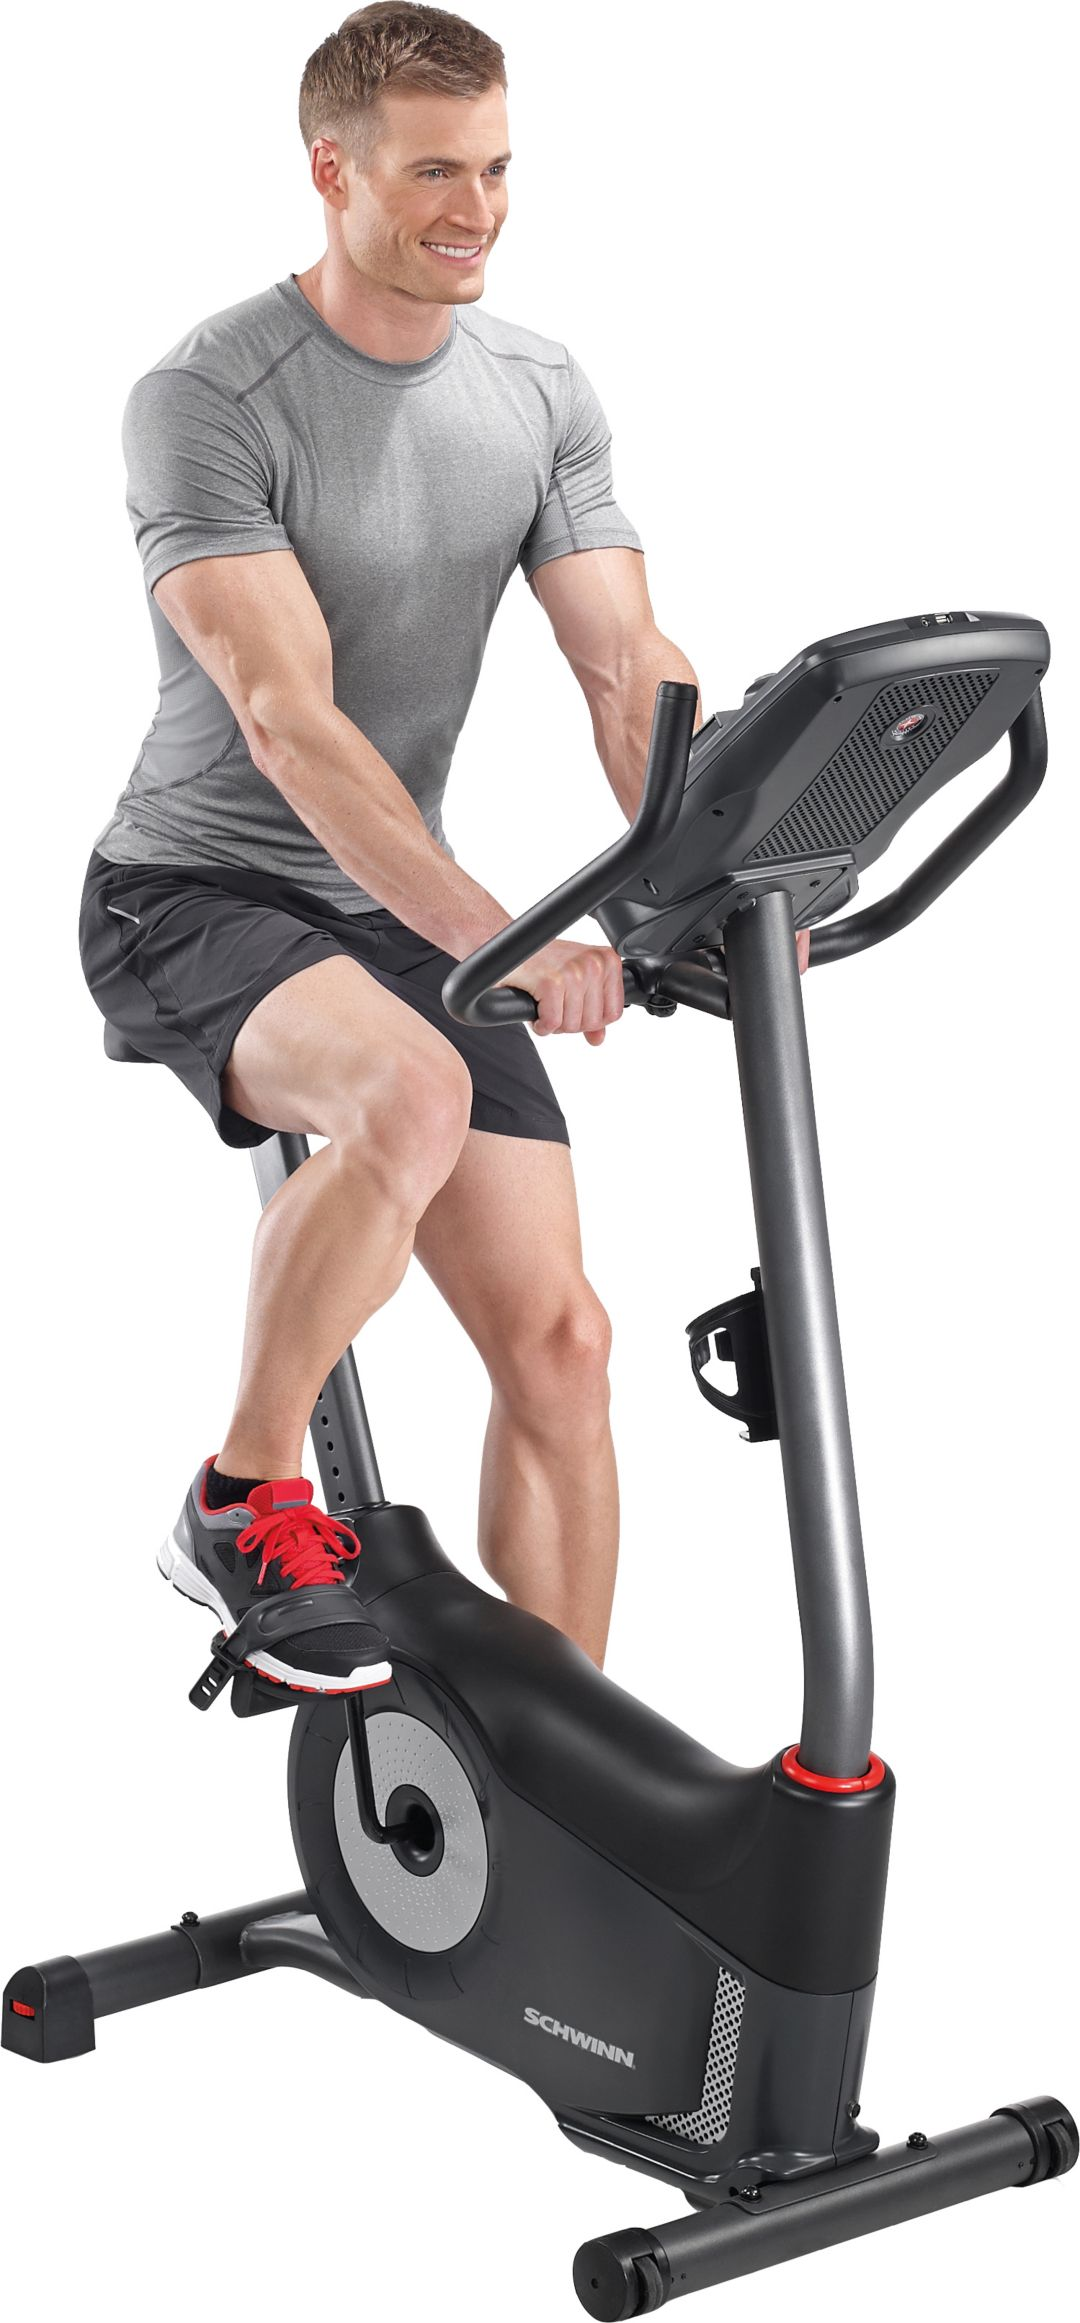 3898484b1d7 Schwinn 130 Upright Exercise Bike | DICK'S Sporting Goods